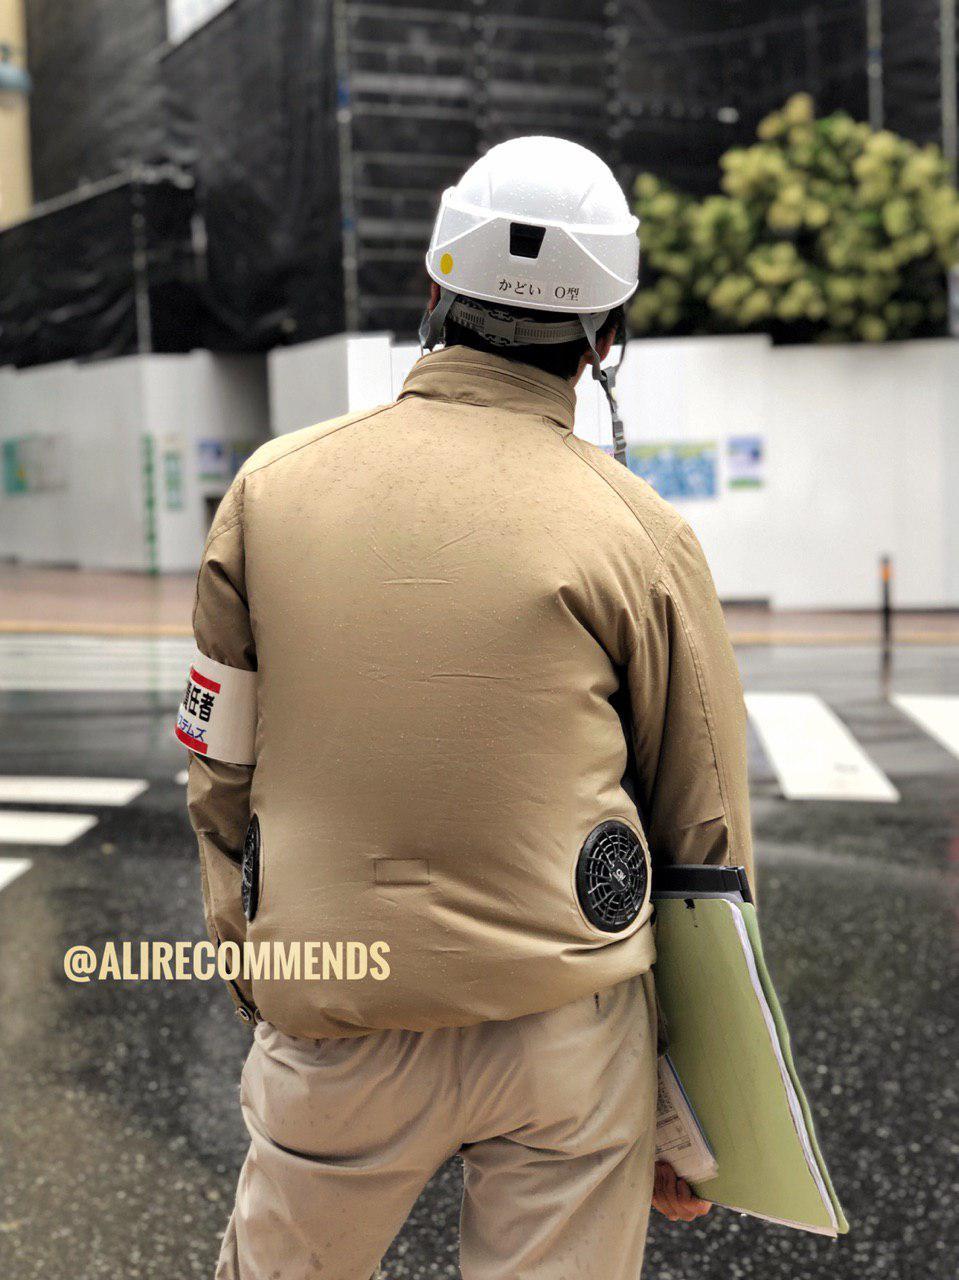 لباس کارگران/تکنیسینهای ژاپنی دو تا فن کوچک برای جلوگیری از عرق کردن و گرما داره.